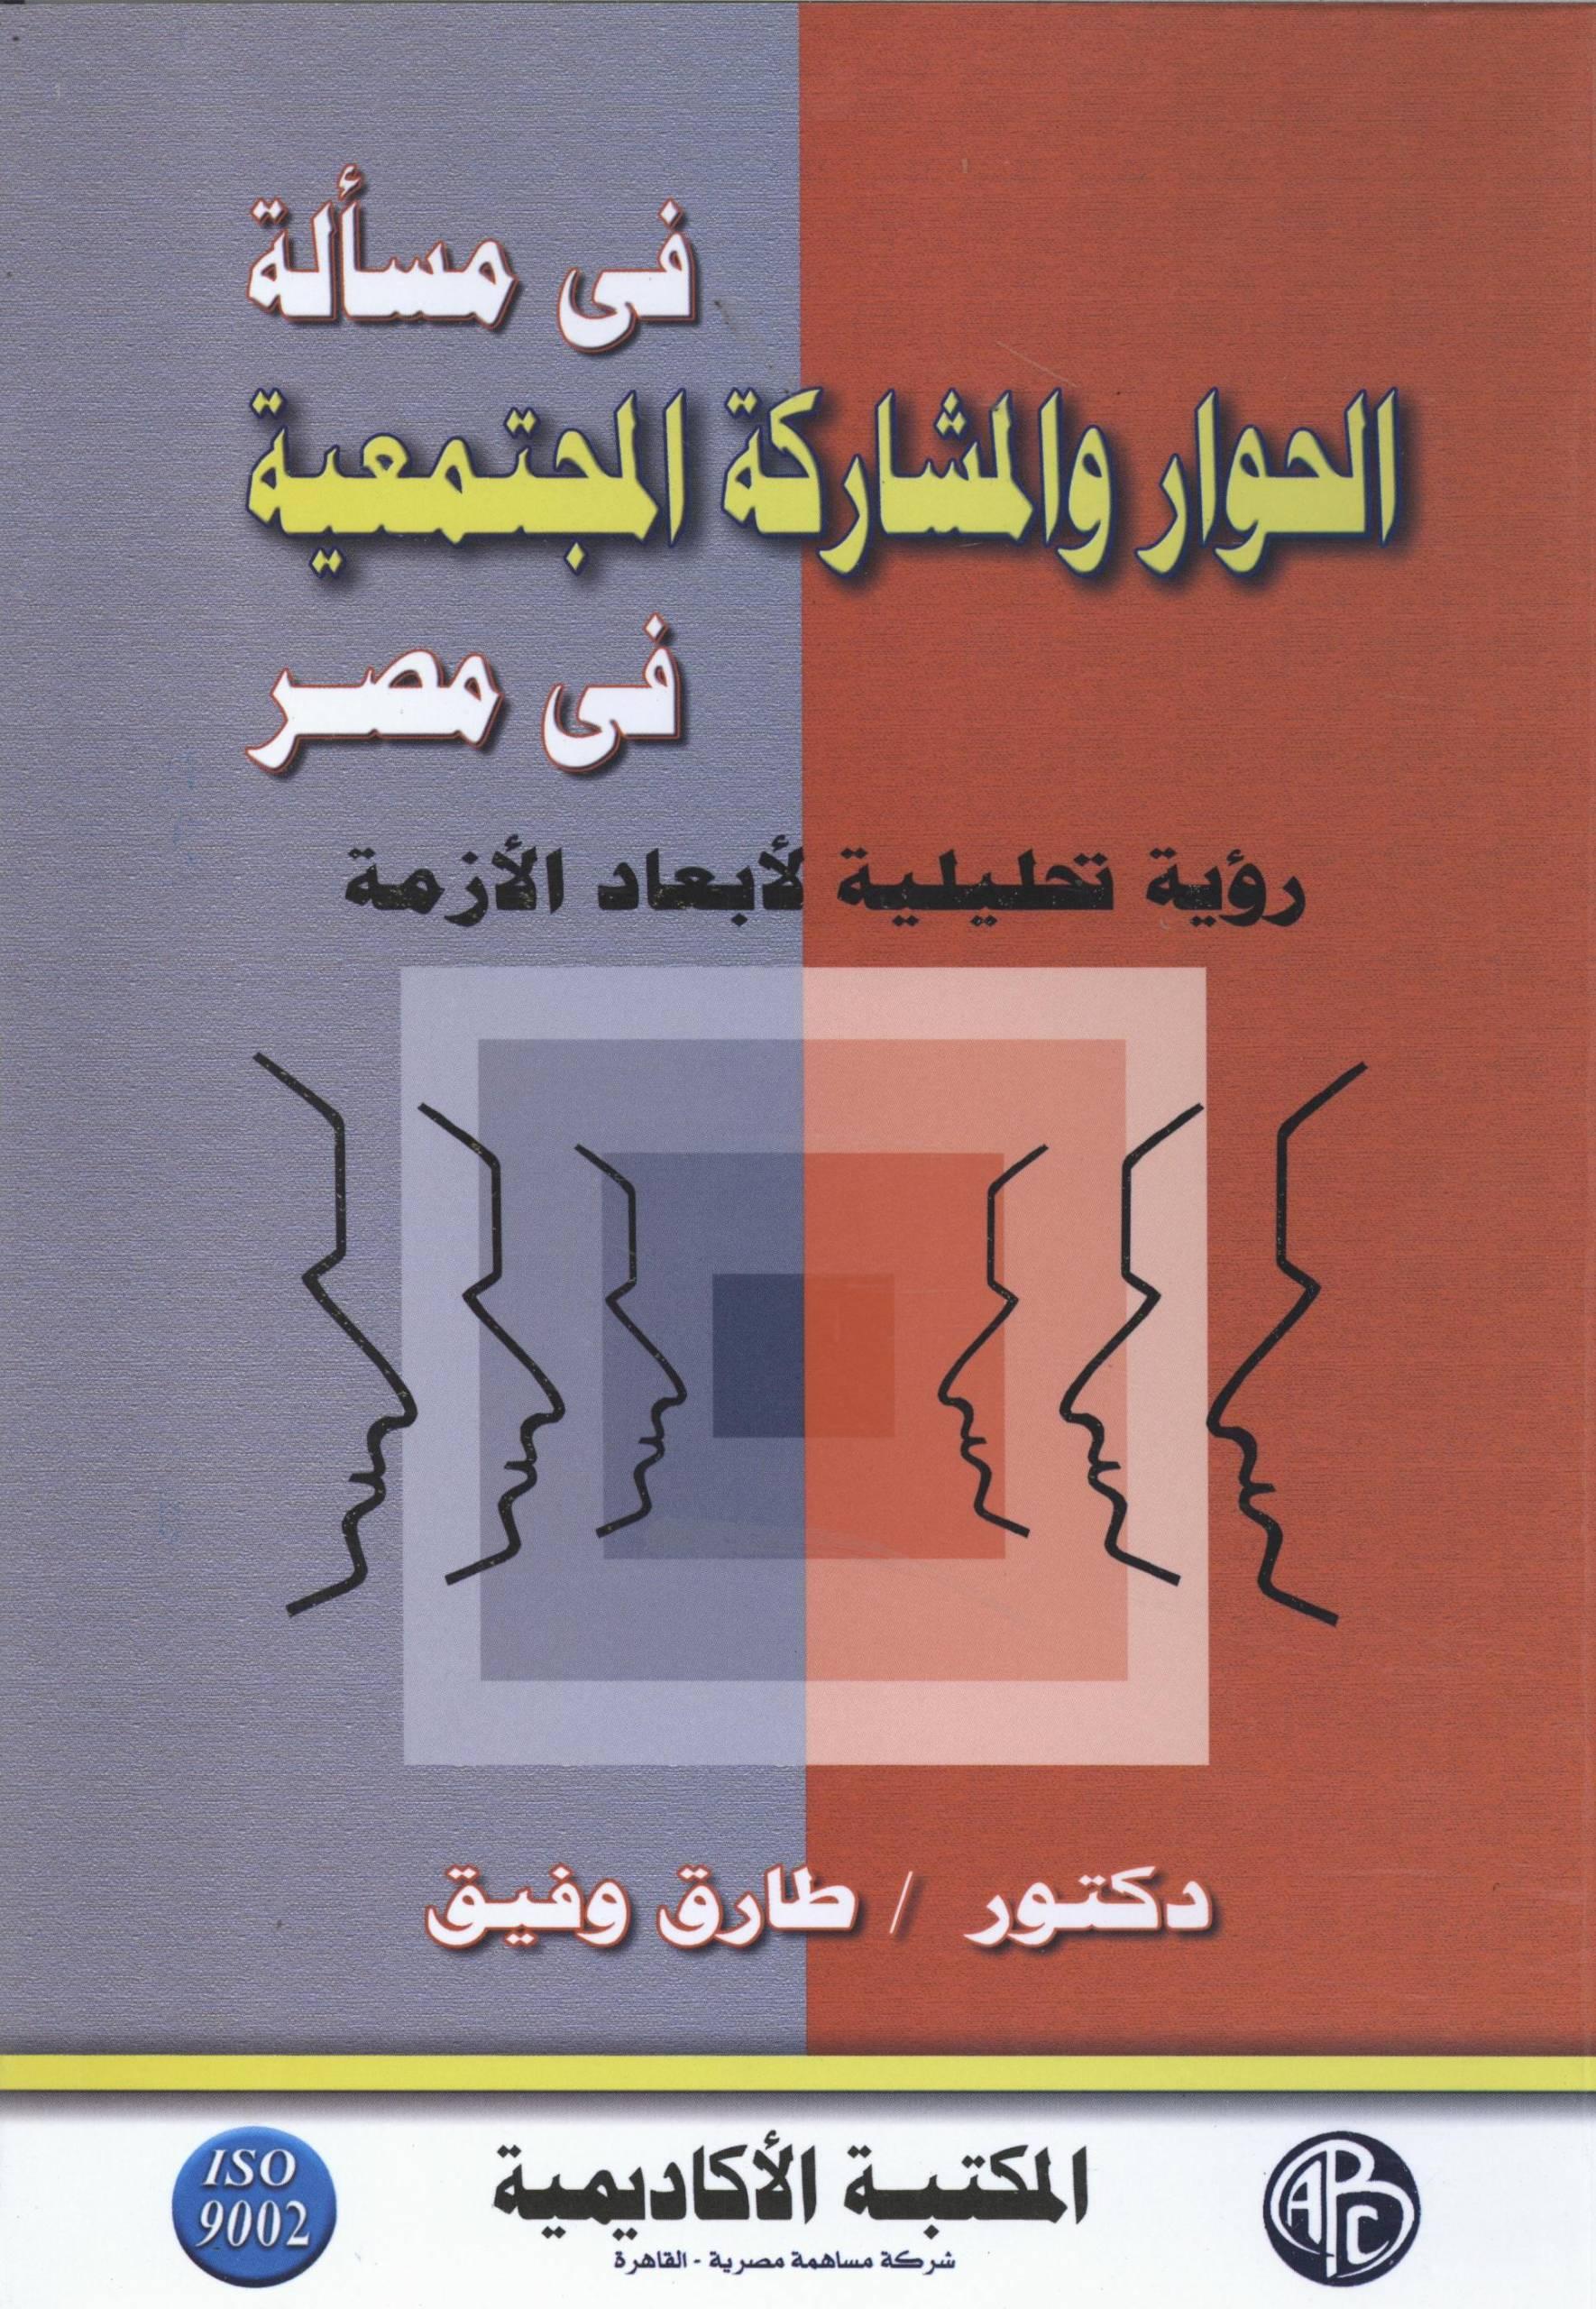 في مسألة الحوار و المشاركة المجتمعية في مصر